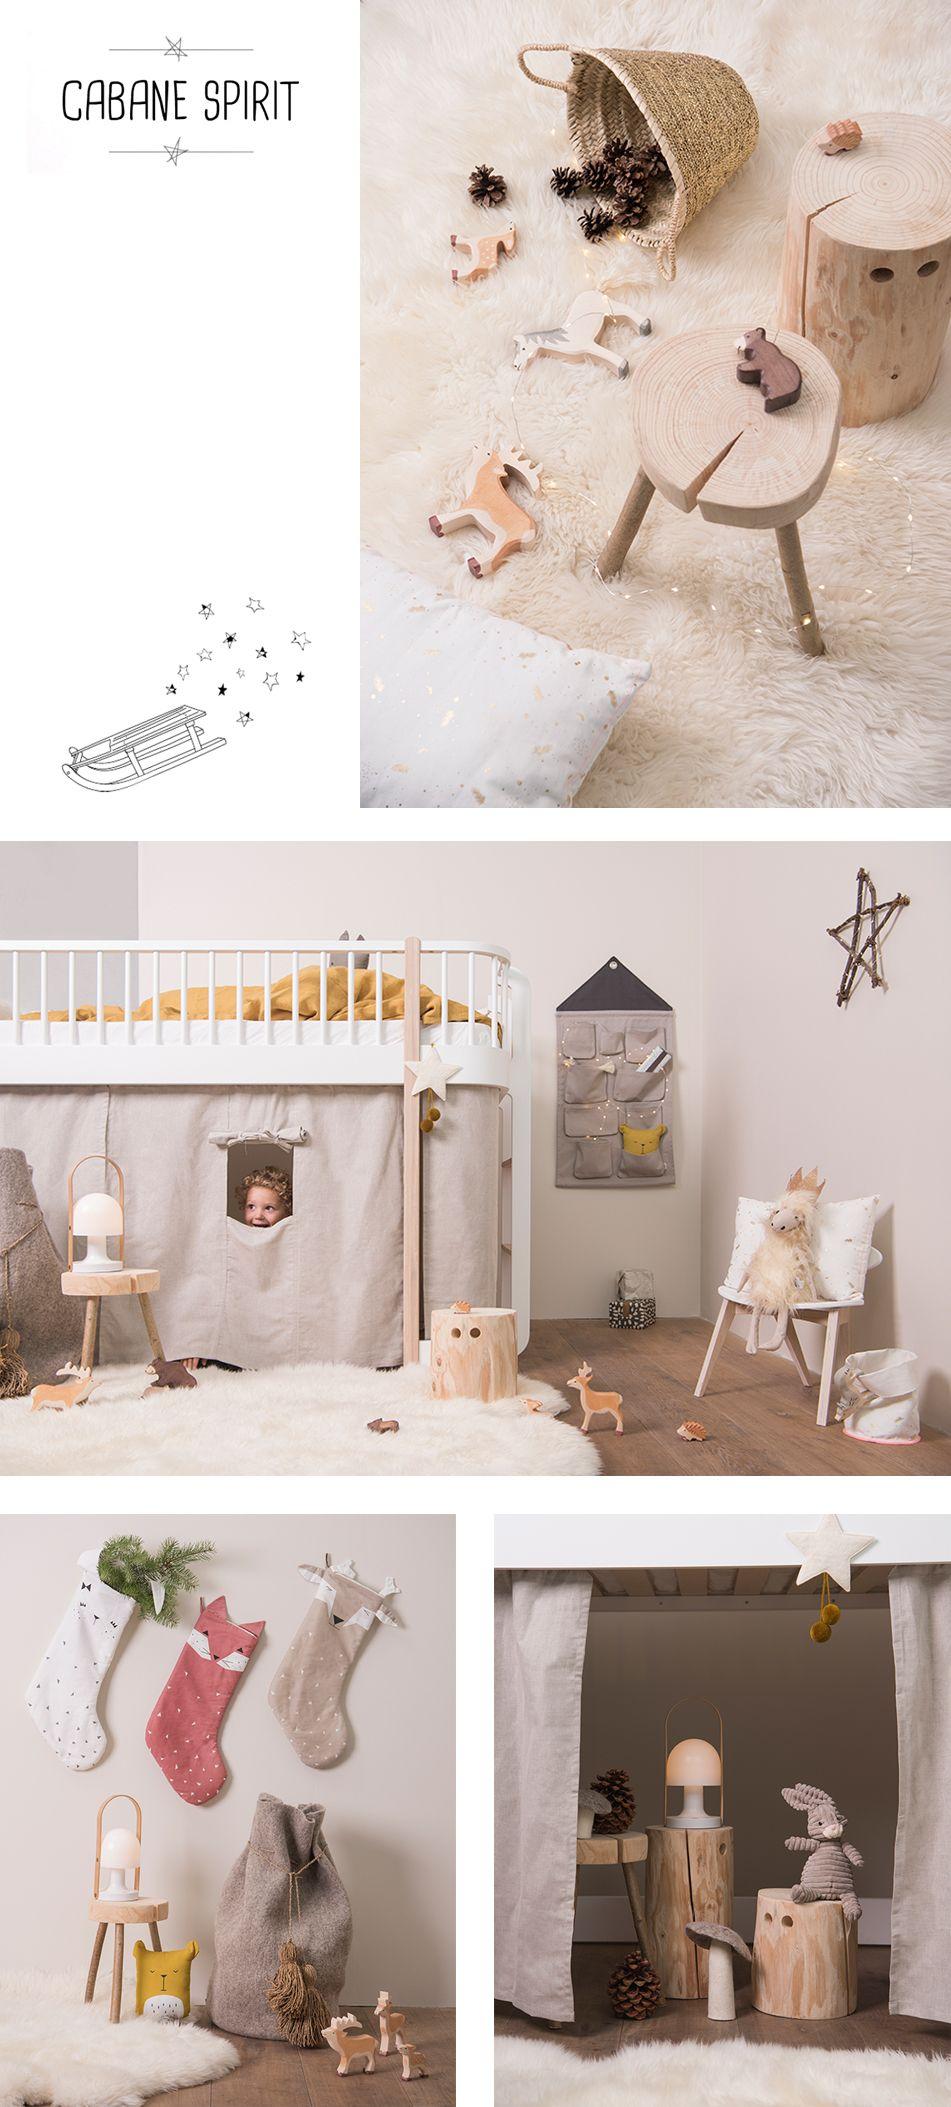 Lit enfant, meubles enfant design et accessoires : Cabane Spirit ...